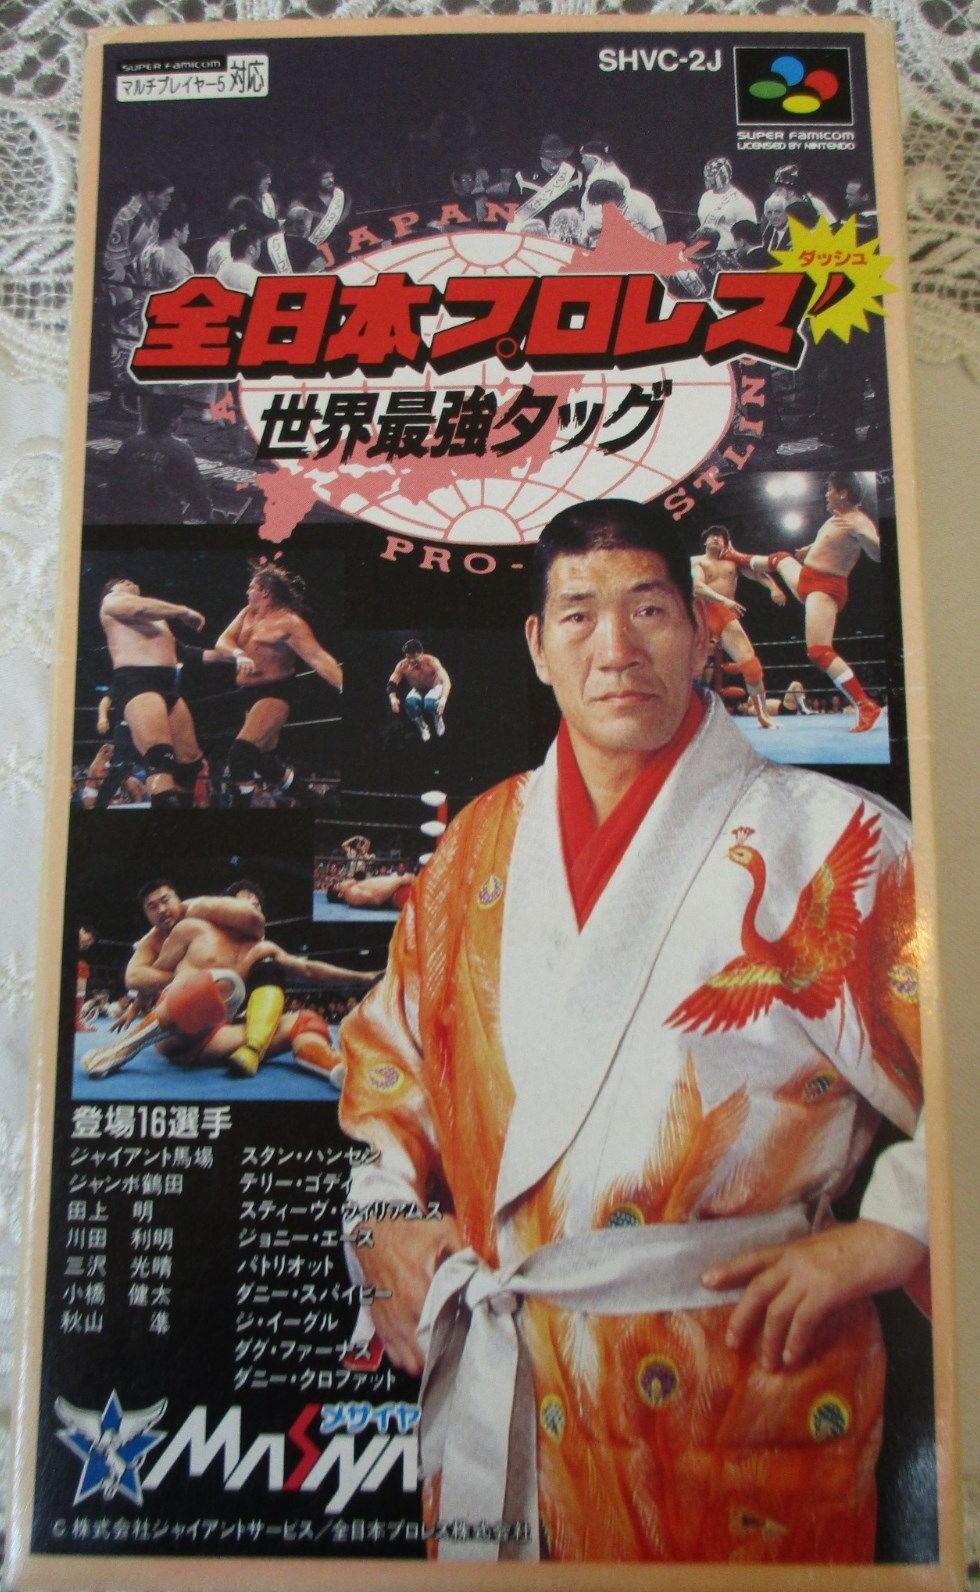 Zen Nippon Pro Wrestling Dash: Sekai Saikyou Tag